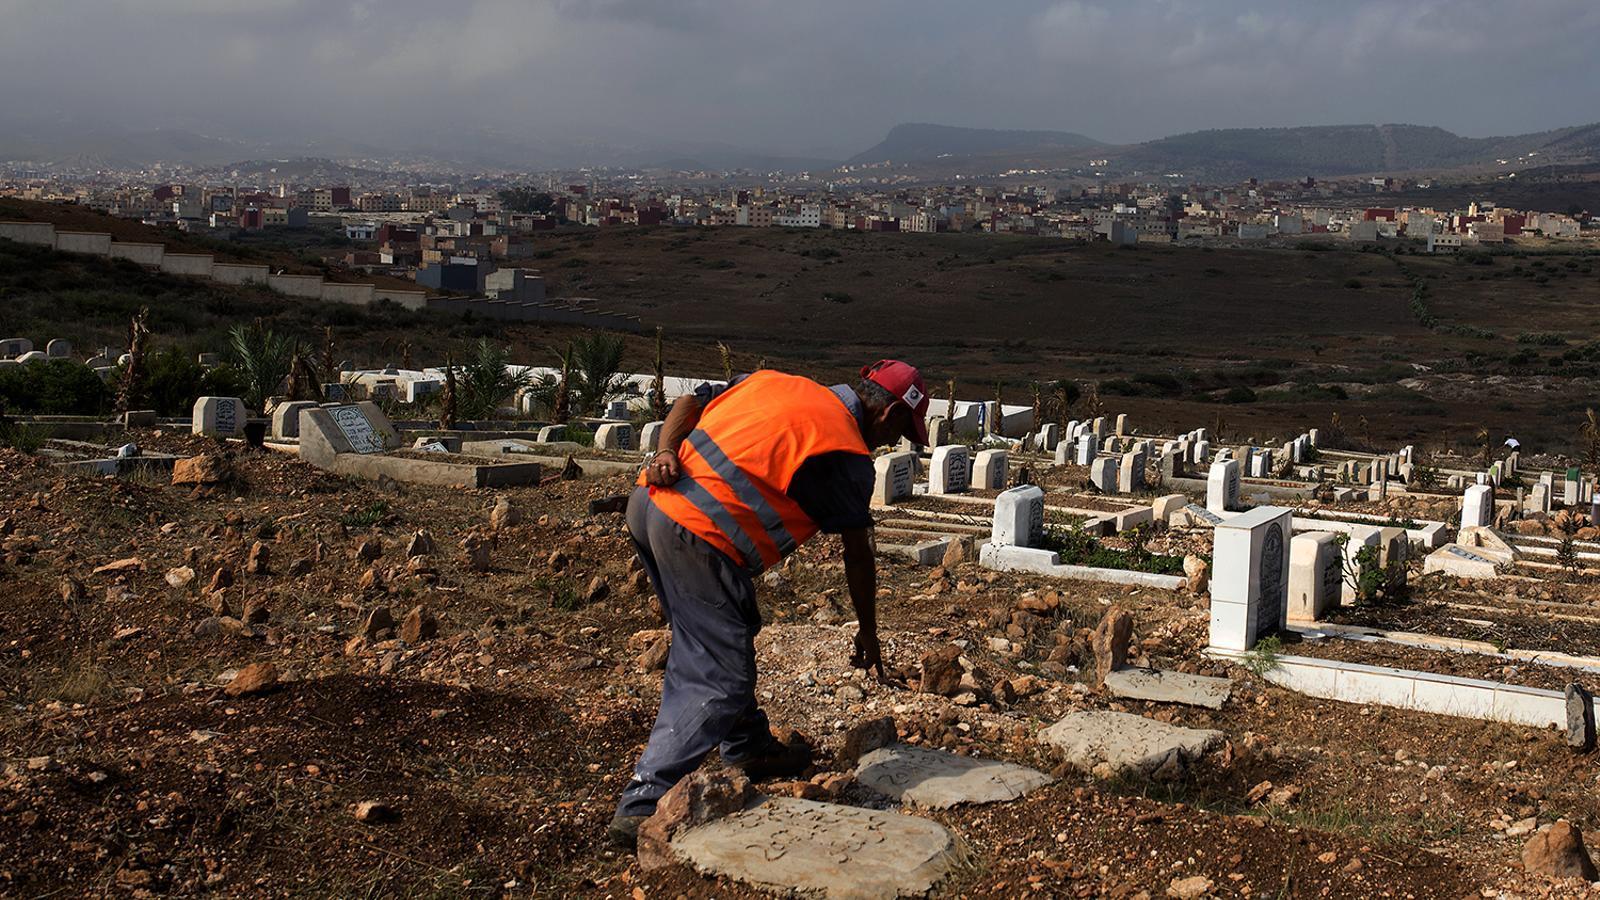 L'enterramorts del cementiri de Nador mostra les tombes dels migrants sense identificar